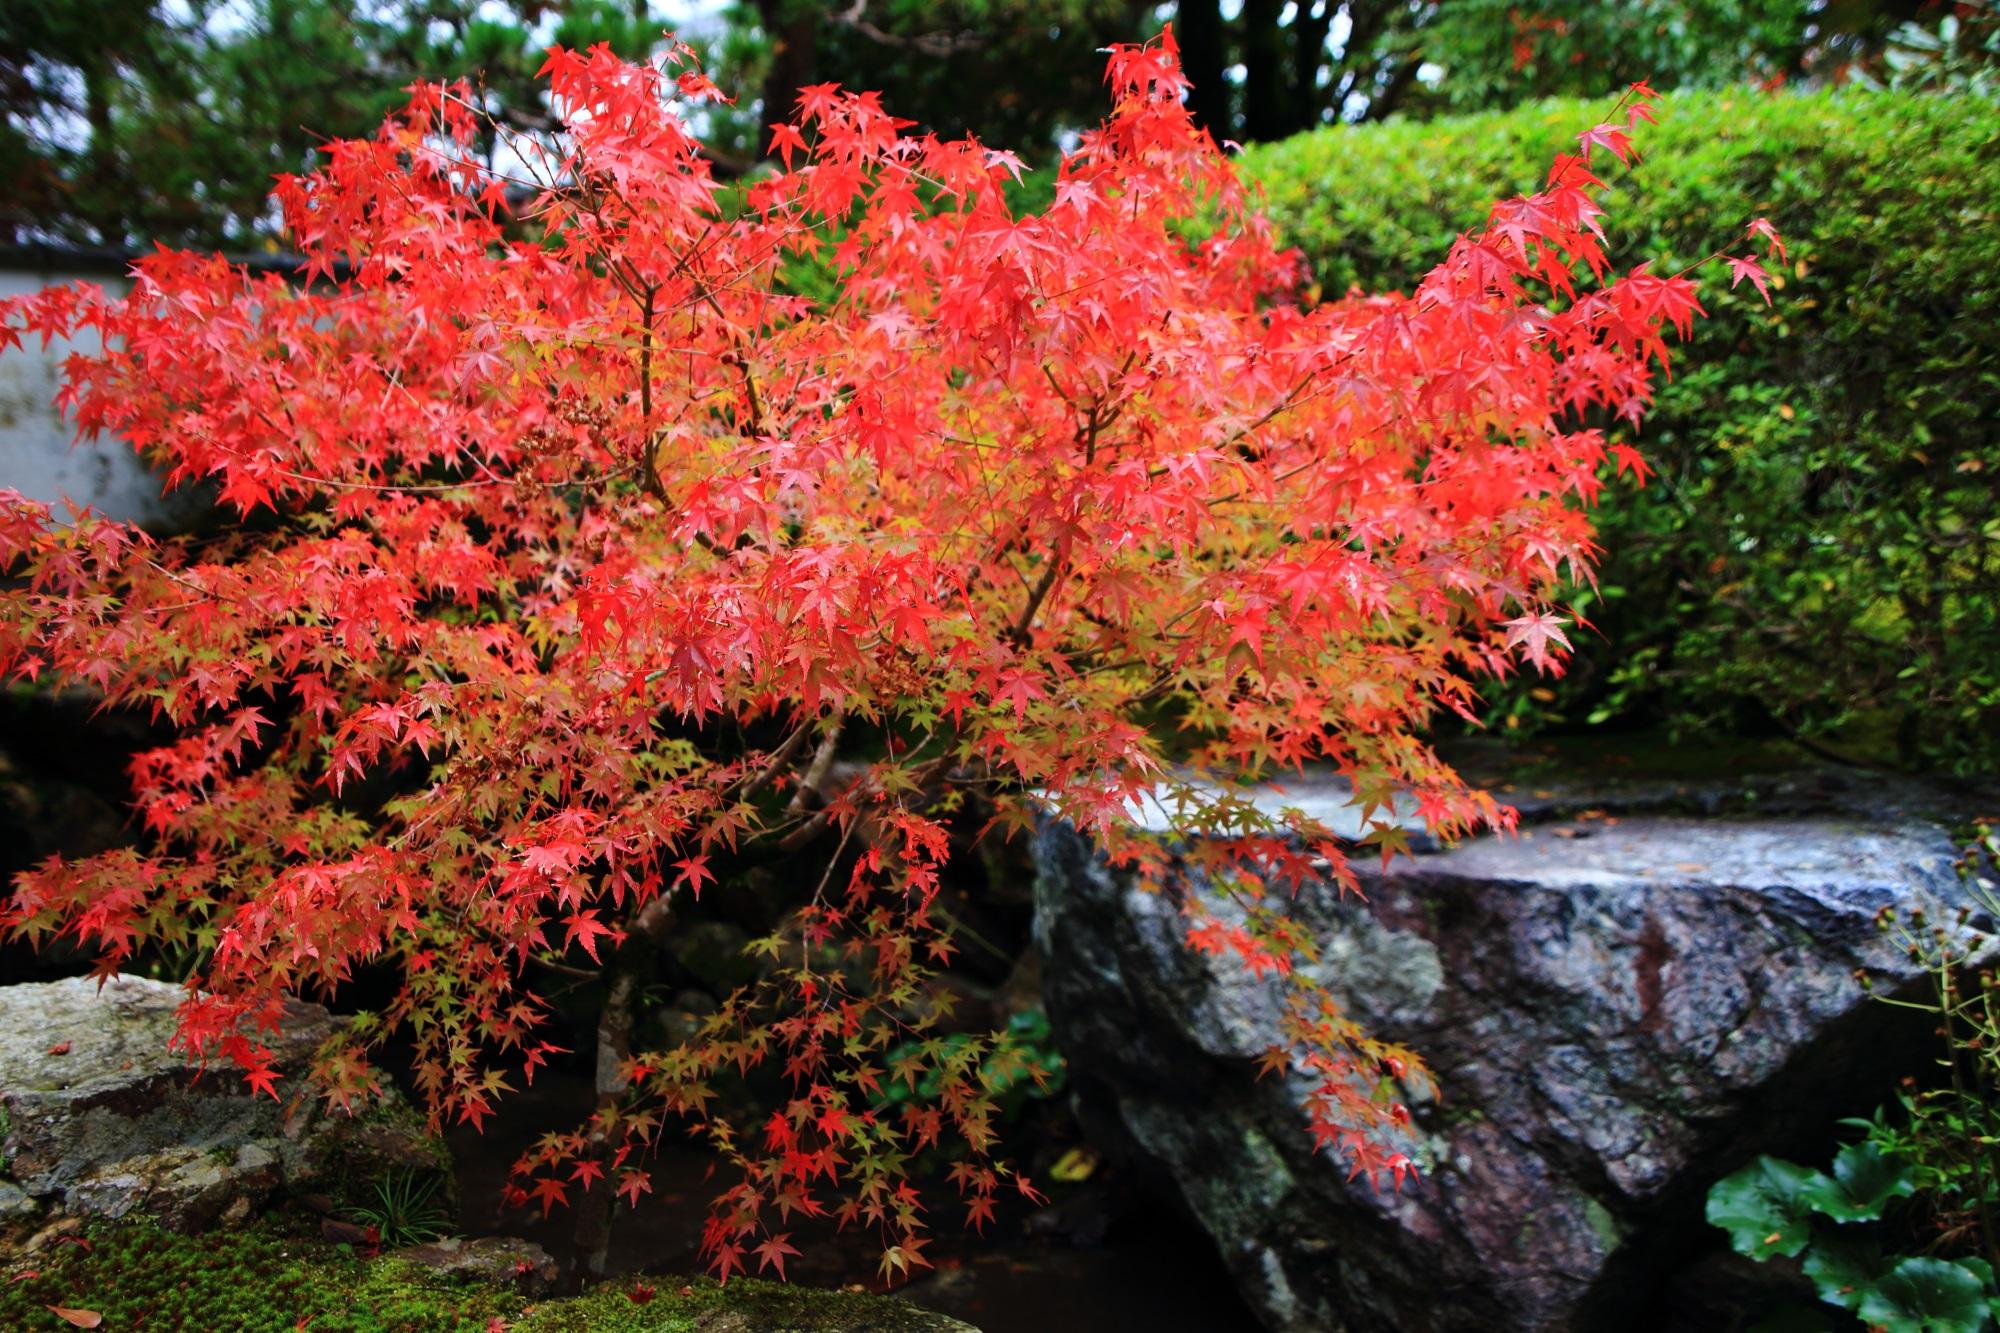 鮮やかな朱色の紅葉が華やぐ南禅寺塔頭の天授庵の書院南庭の奥の方